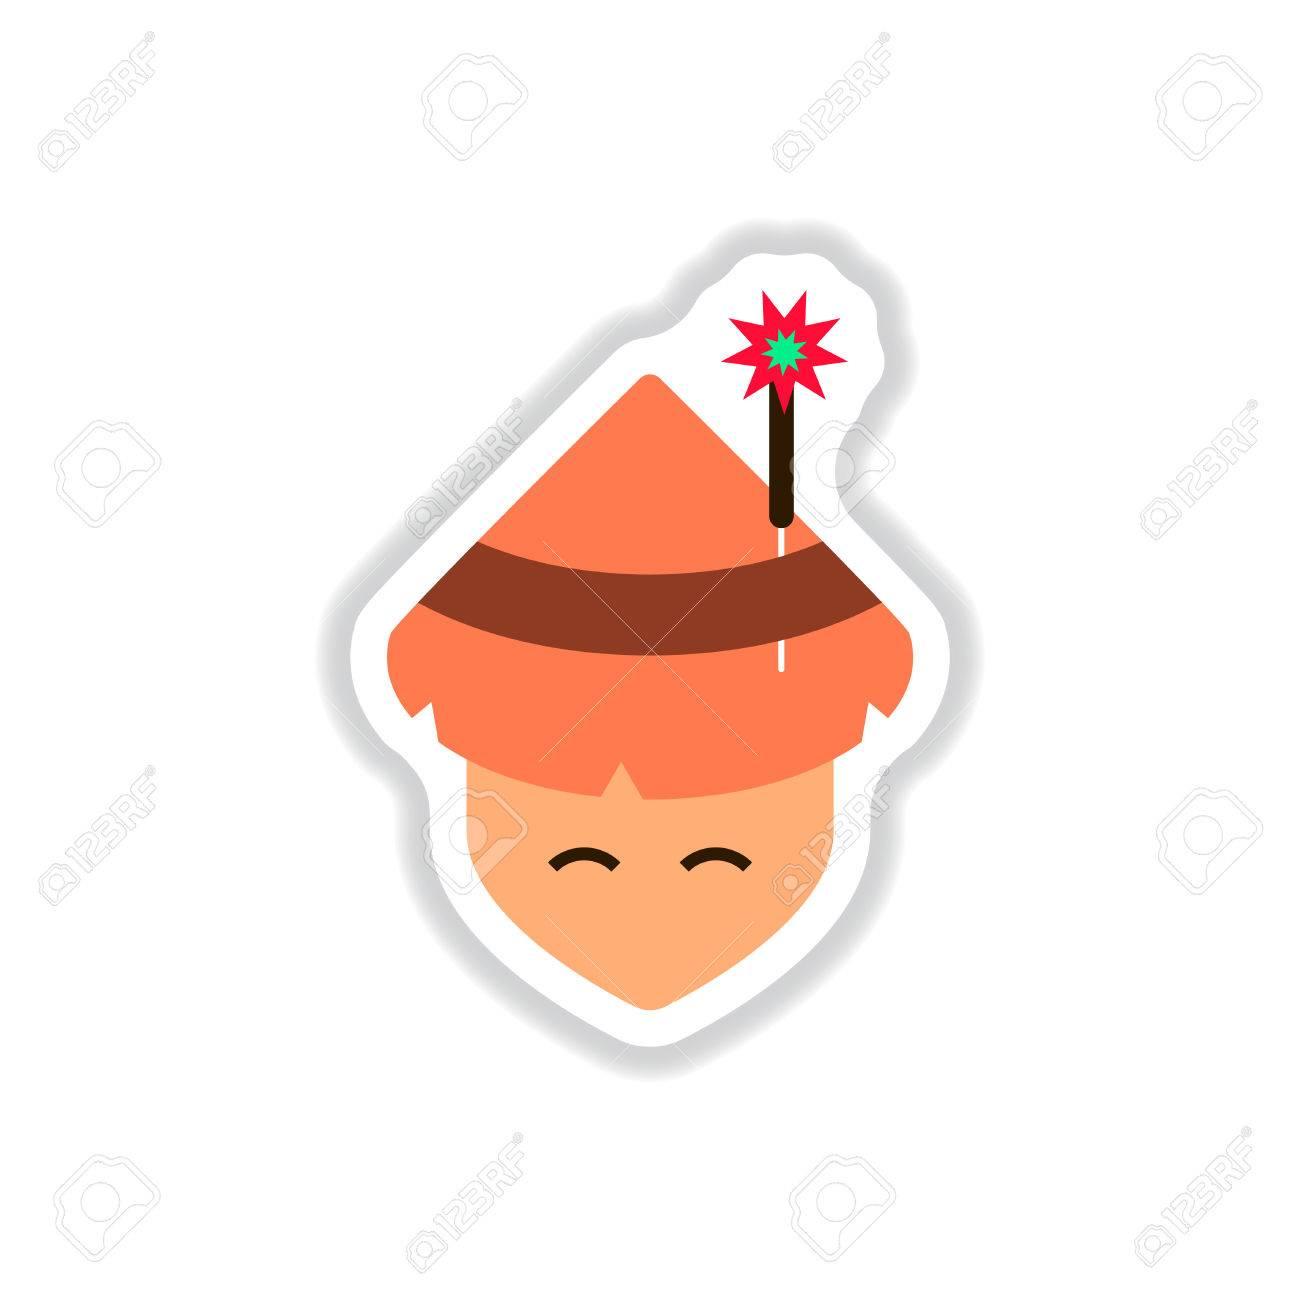 紙ステッカー スタイル線香花火と伝統的な円錐形の帽子で中国人の男に